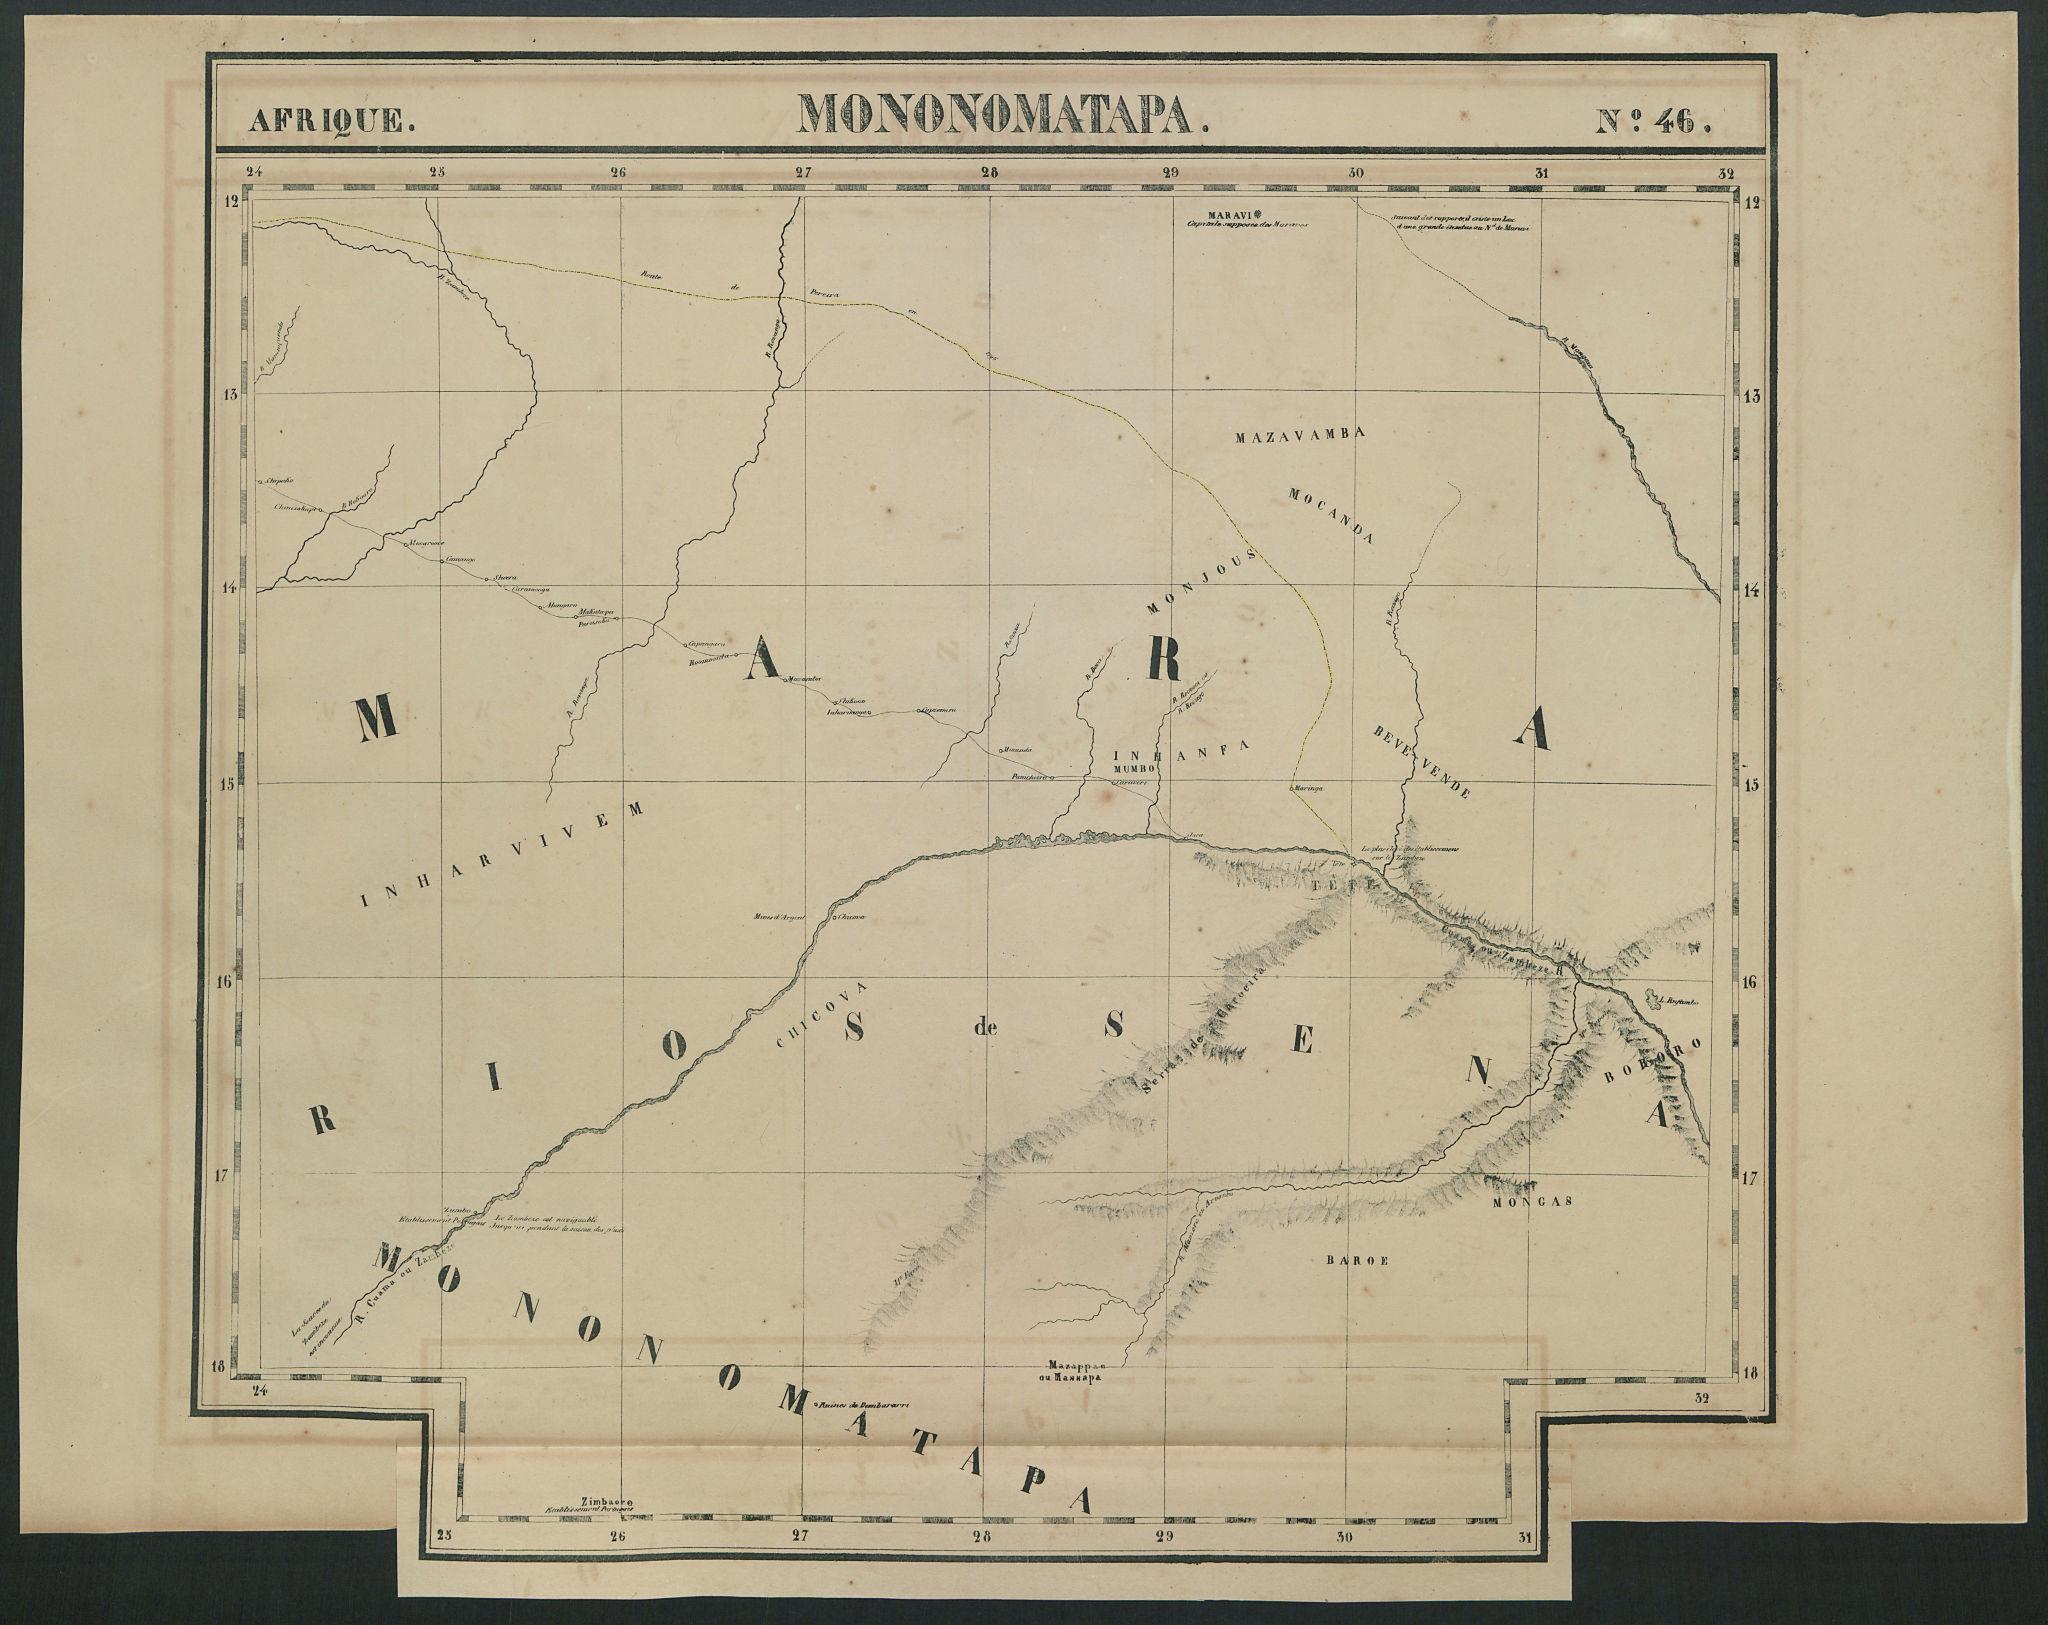 Afrique Mononomatapa 46 Zambezi Zambia Zimbabwe Mozambique VANDERMAELEN 1827 map